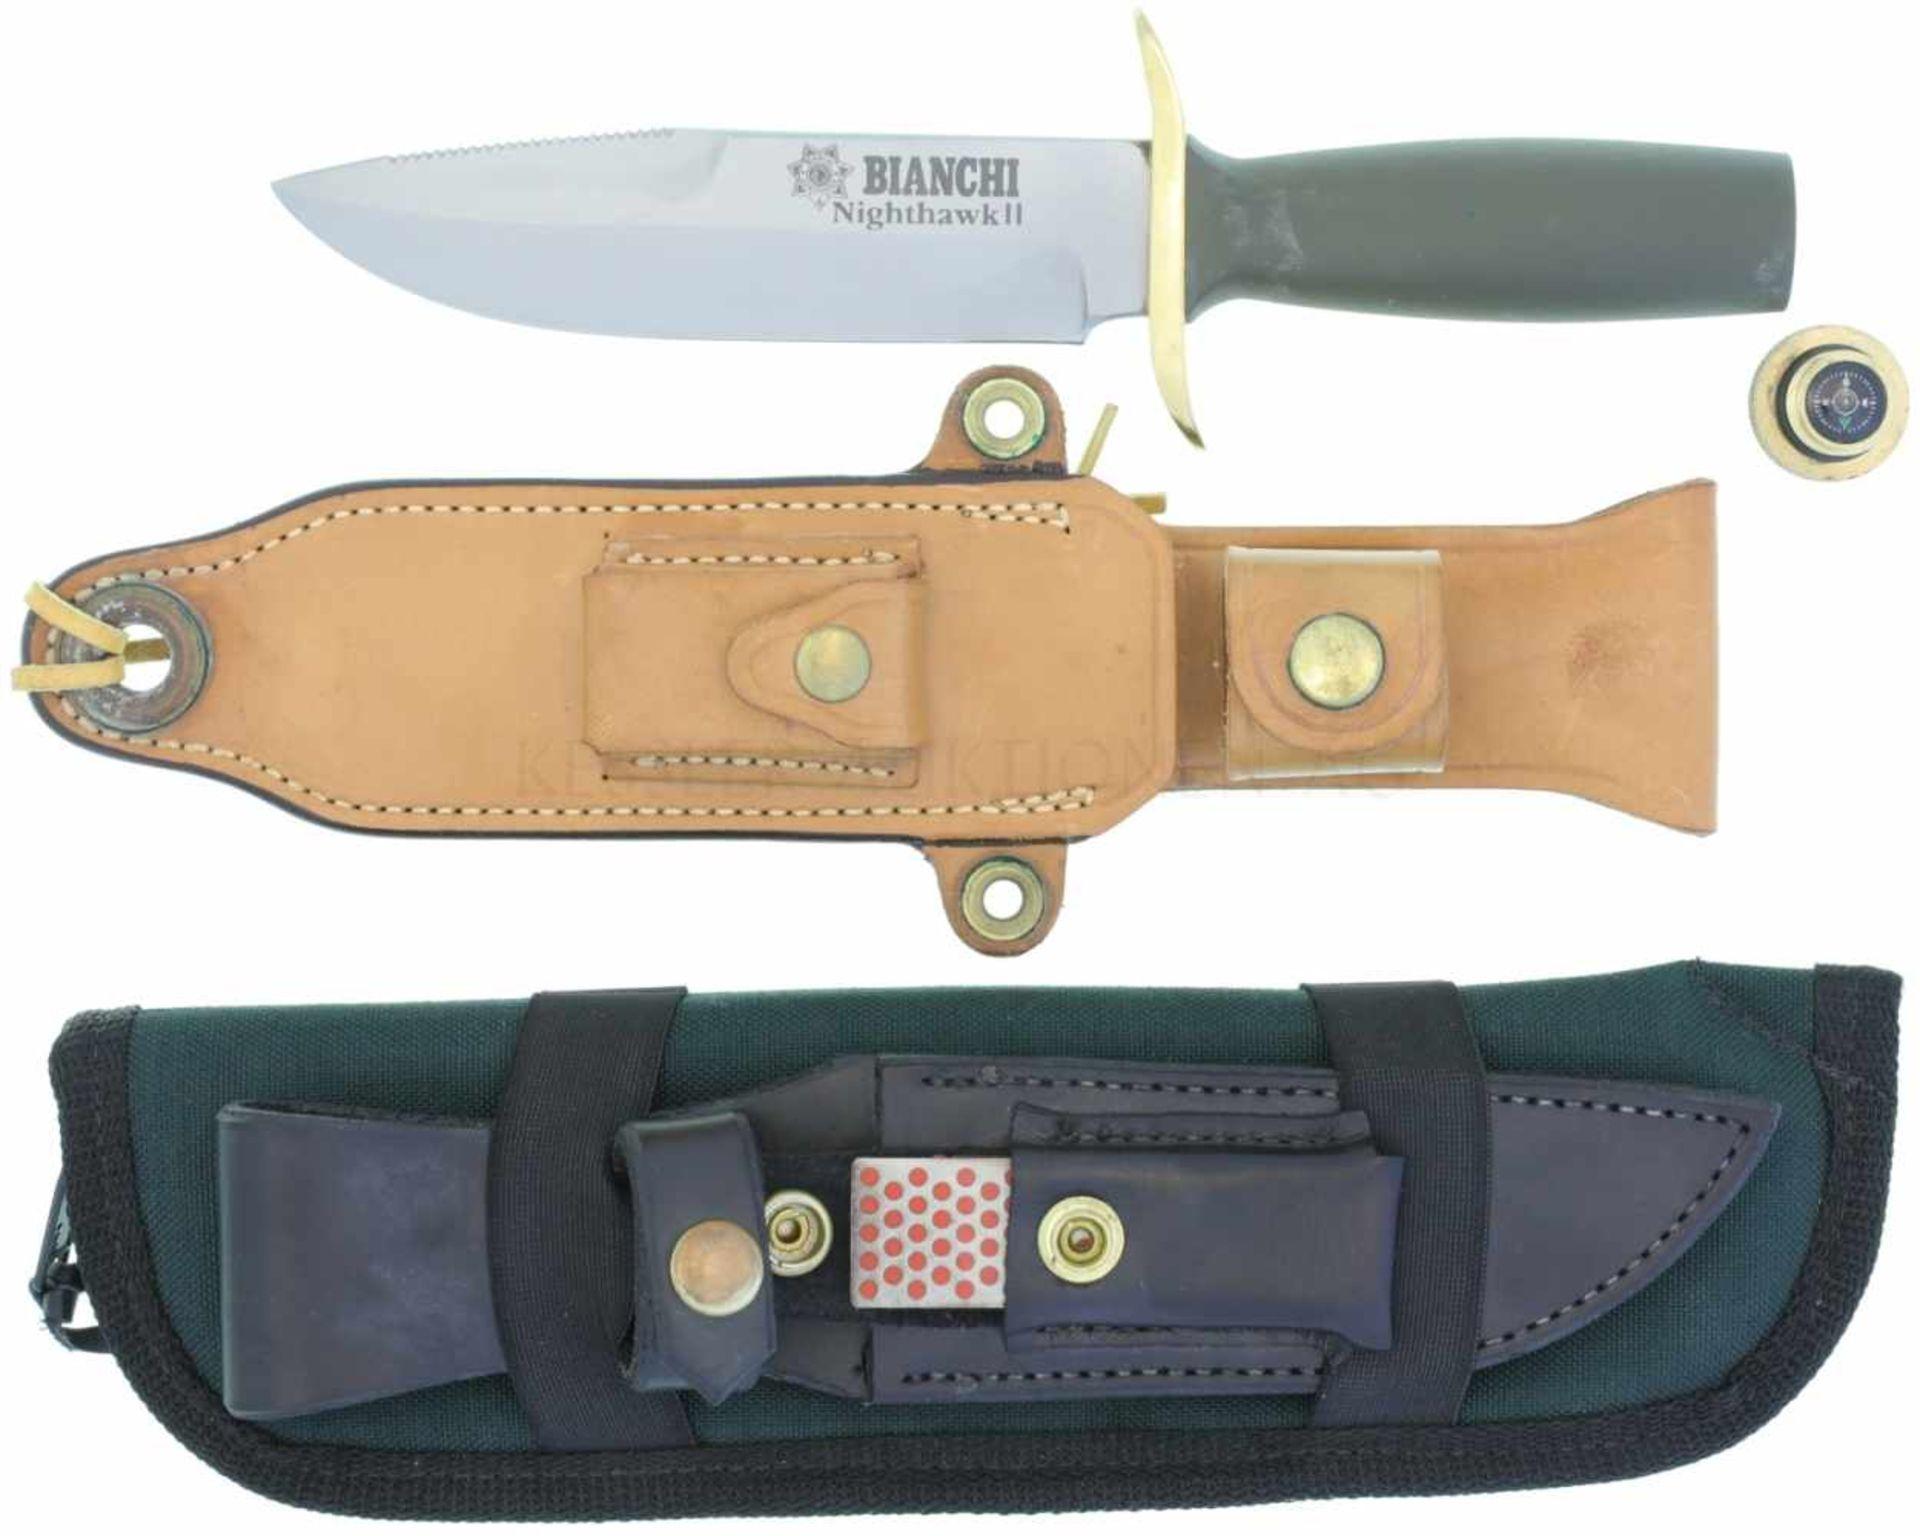 Survival-Messer Bianchi Nighthawk II KL 150mm, TL 285mm, glasperlengestrahlte matte Rückenklinge mit